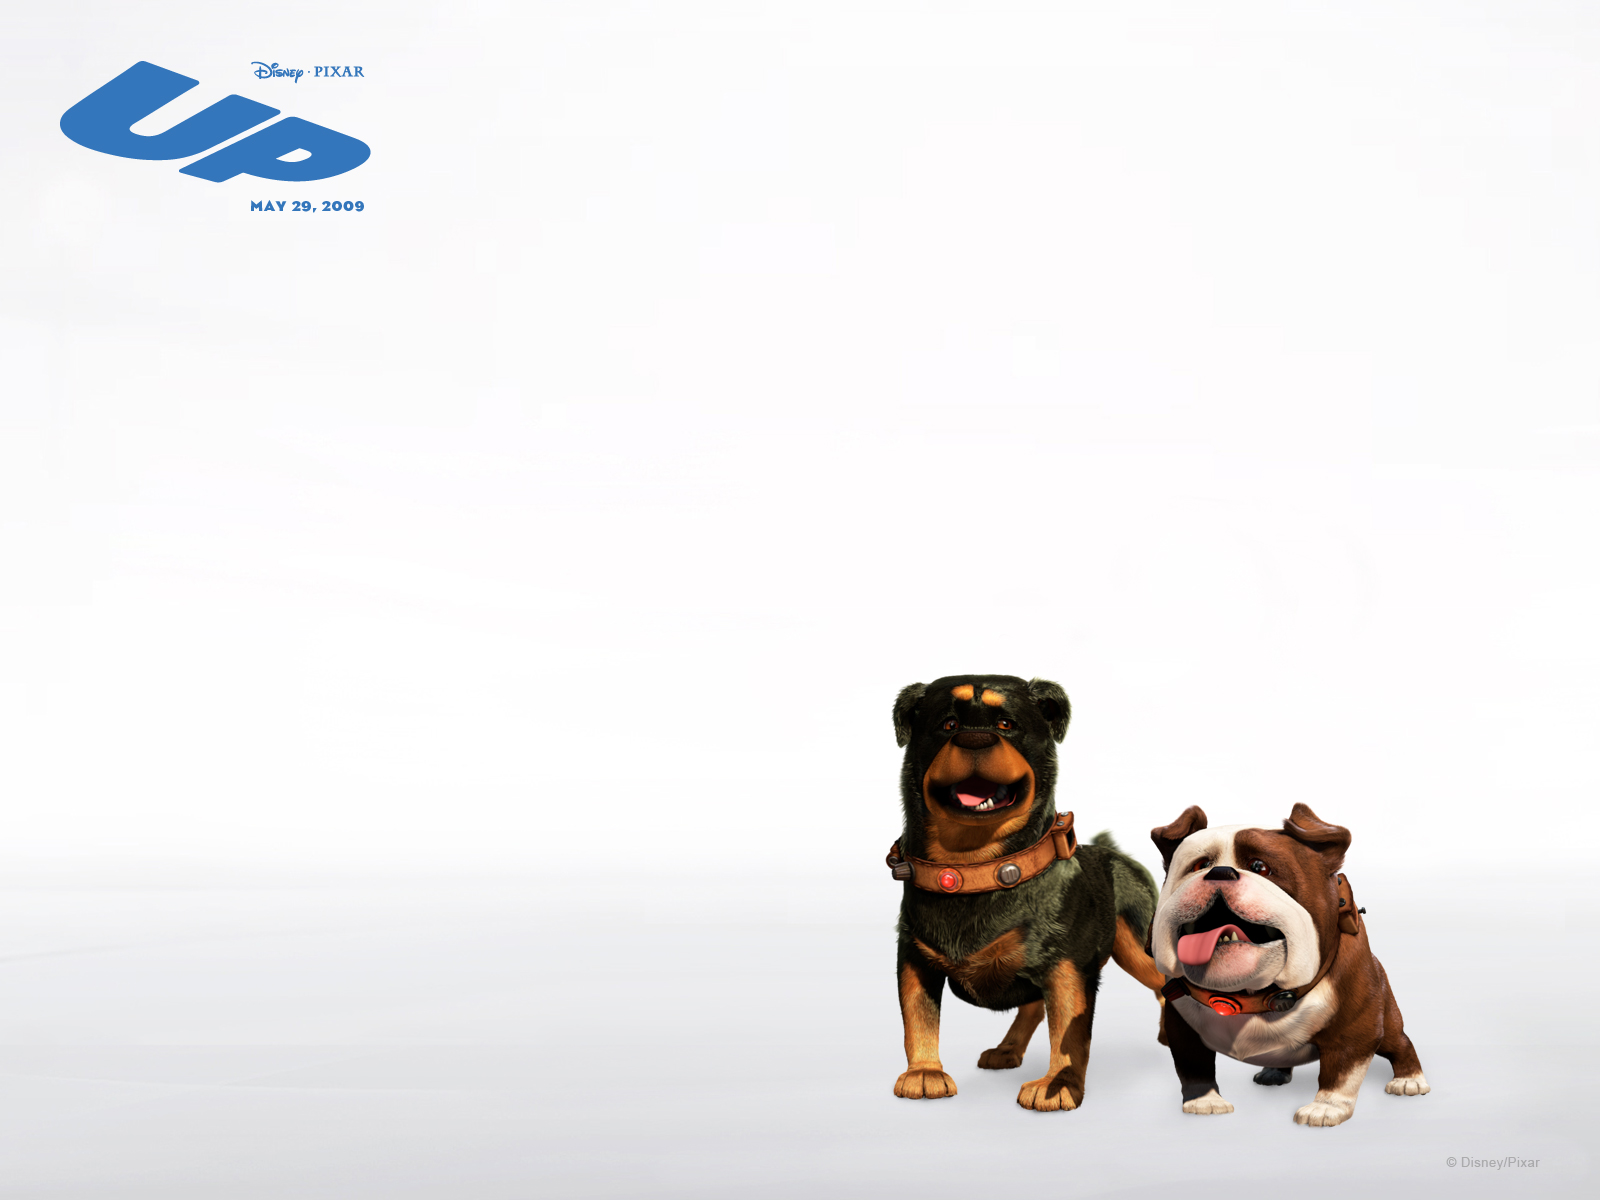 Disney Pixar Up Wallpaper Backgrounds Desktop Wallpapers 1600x1200